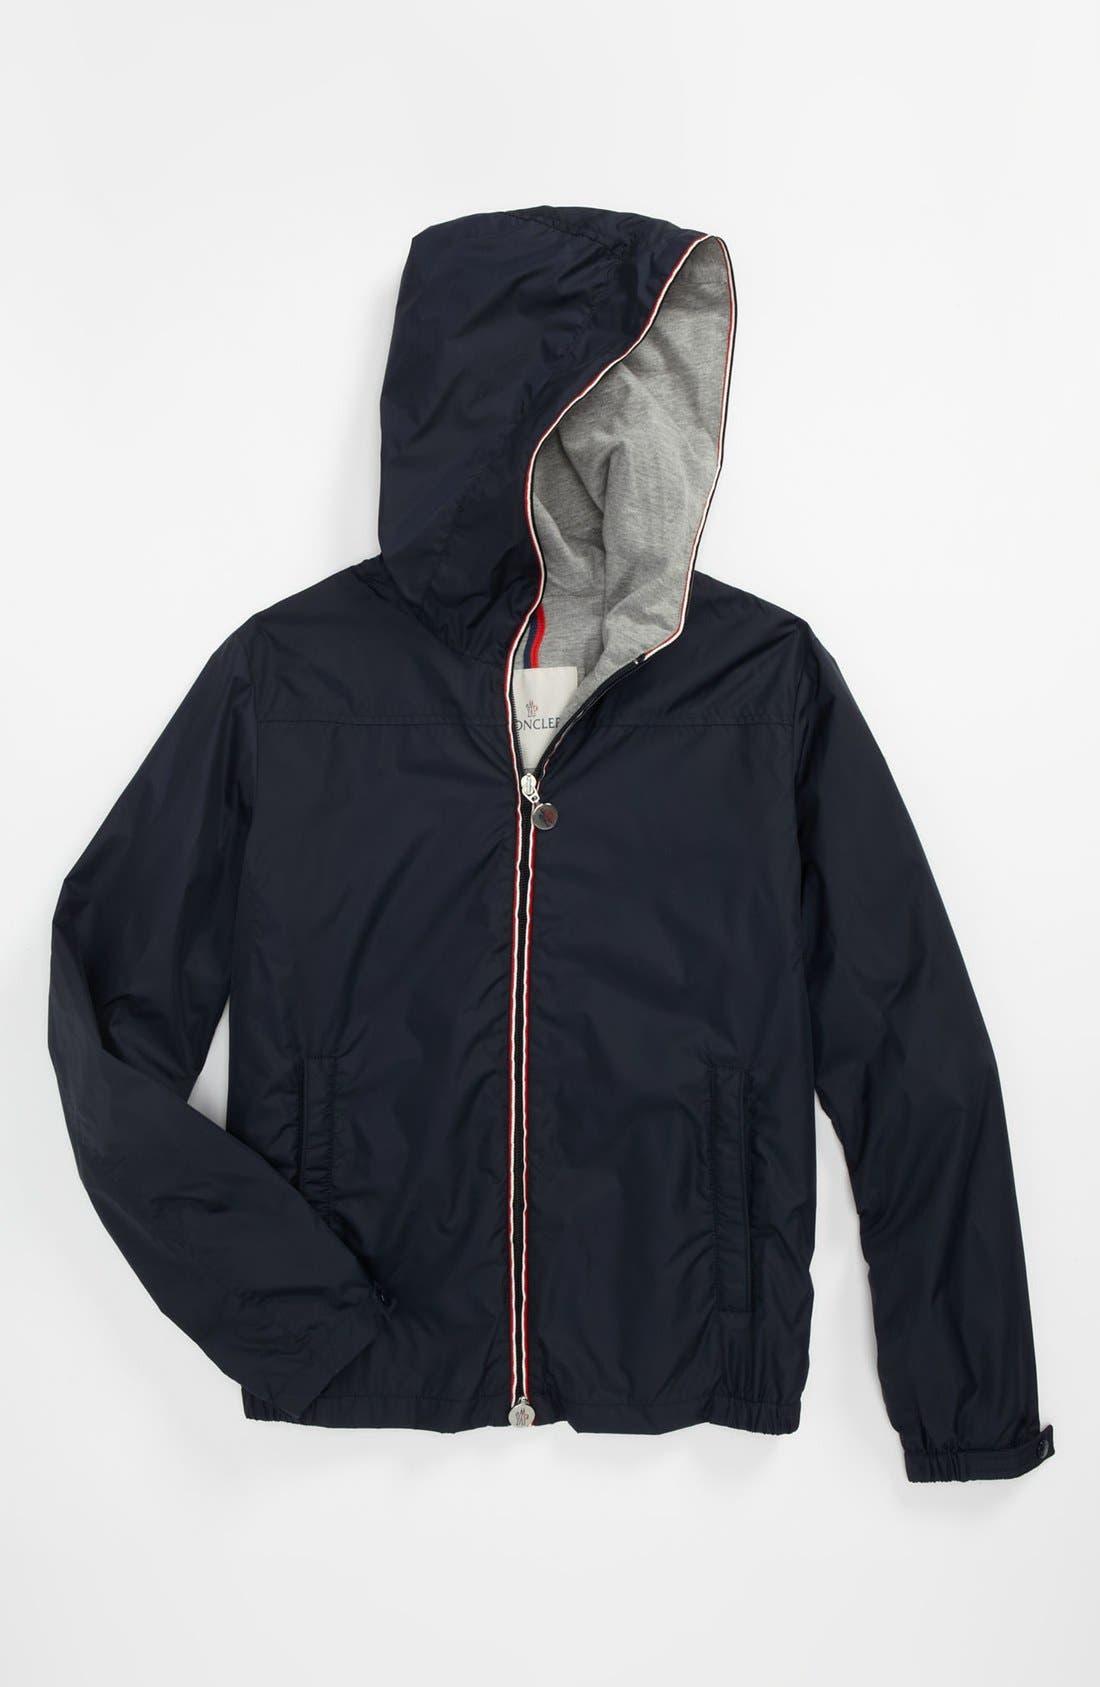 Alternate Image 1 Selected - Moncler 'Urville' Jacket (Toddler, Little Boys & Big Boys)